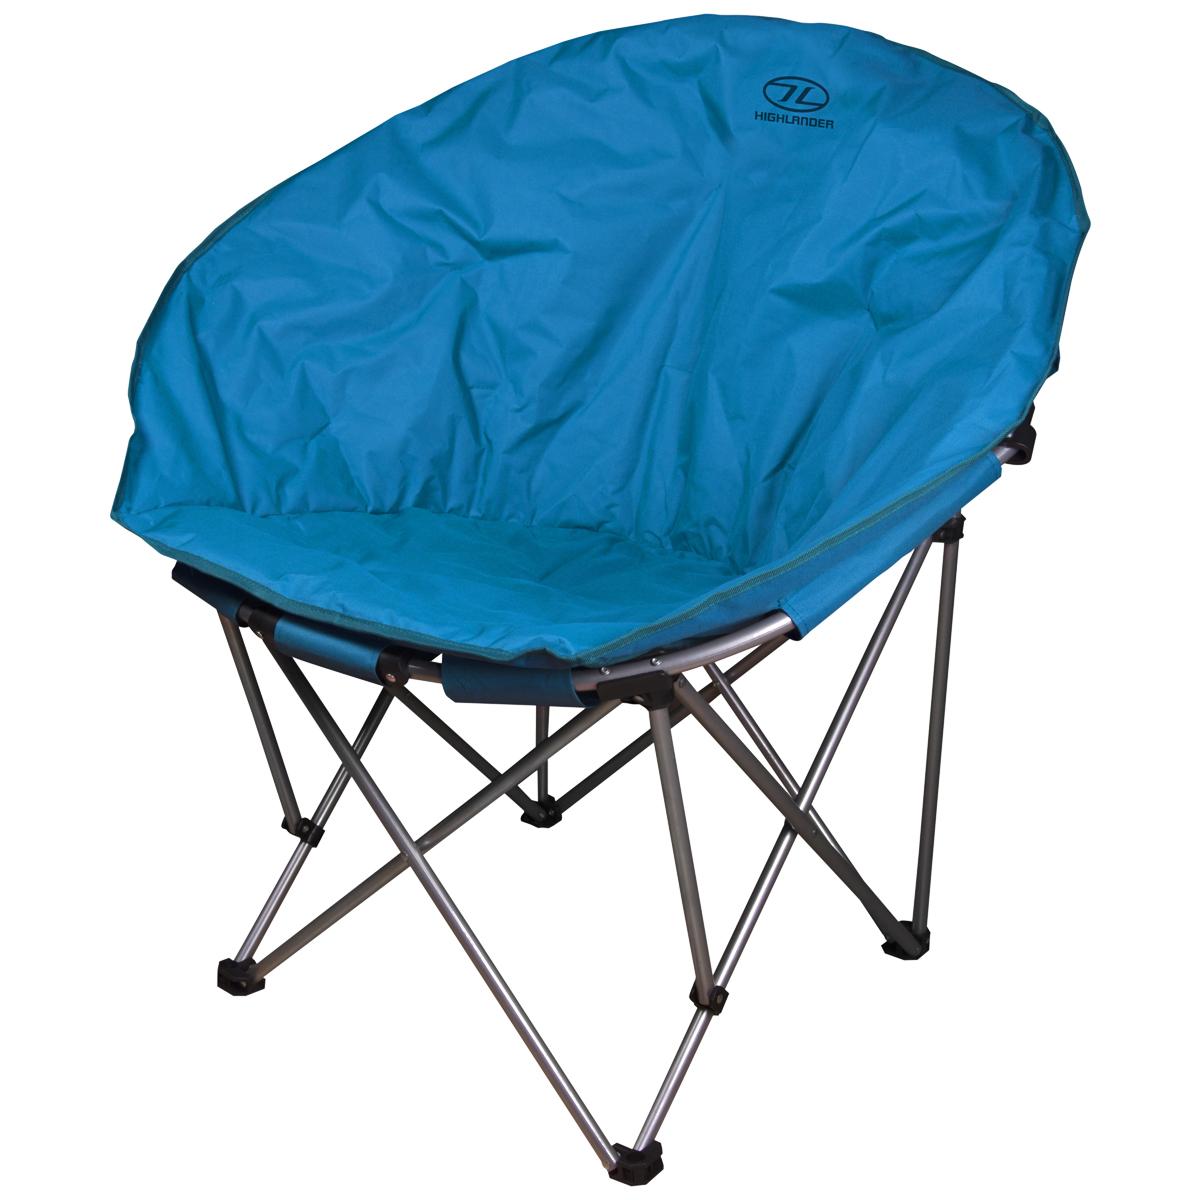 Pesca Asiento Plegable Denim Camping Jardín Detalles Blue De Dril Moon Highlander Silla gf7yb6